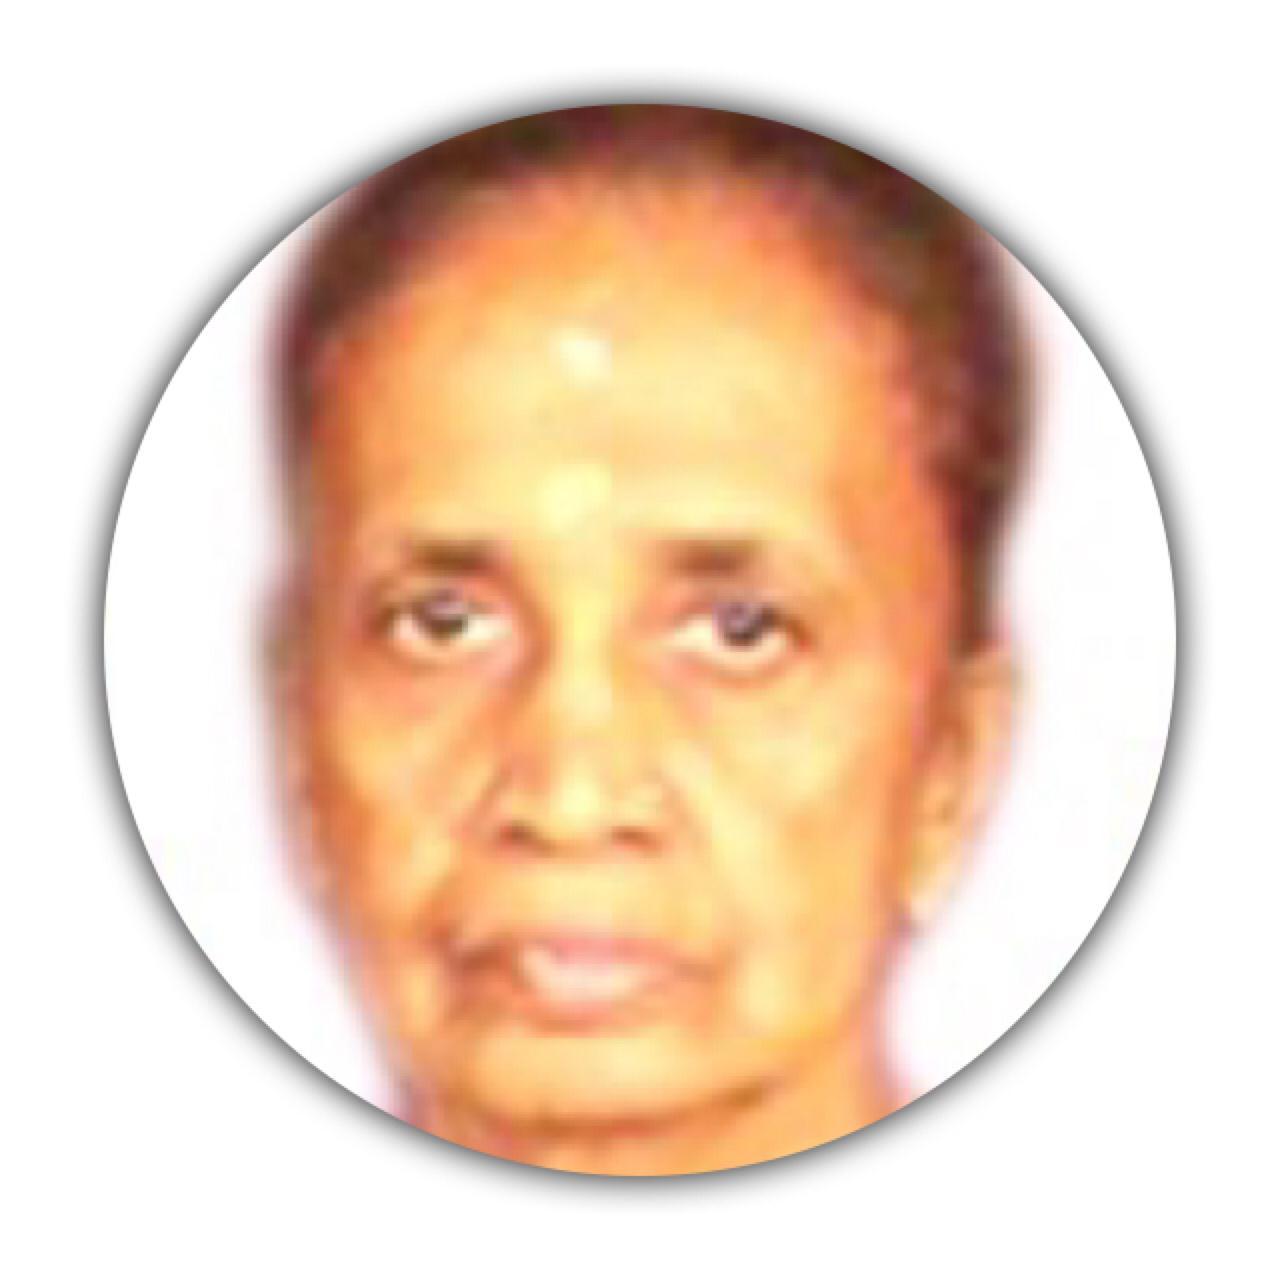 திருமதி. நவரஞ்சிதம் நல்லையா